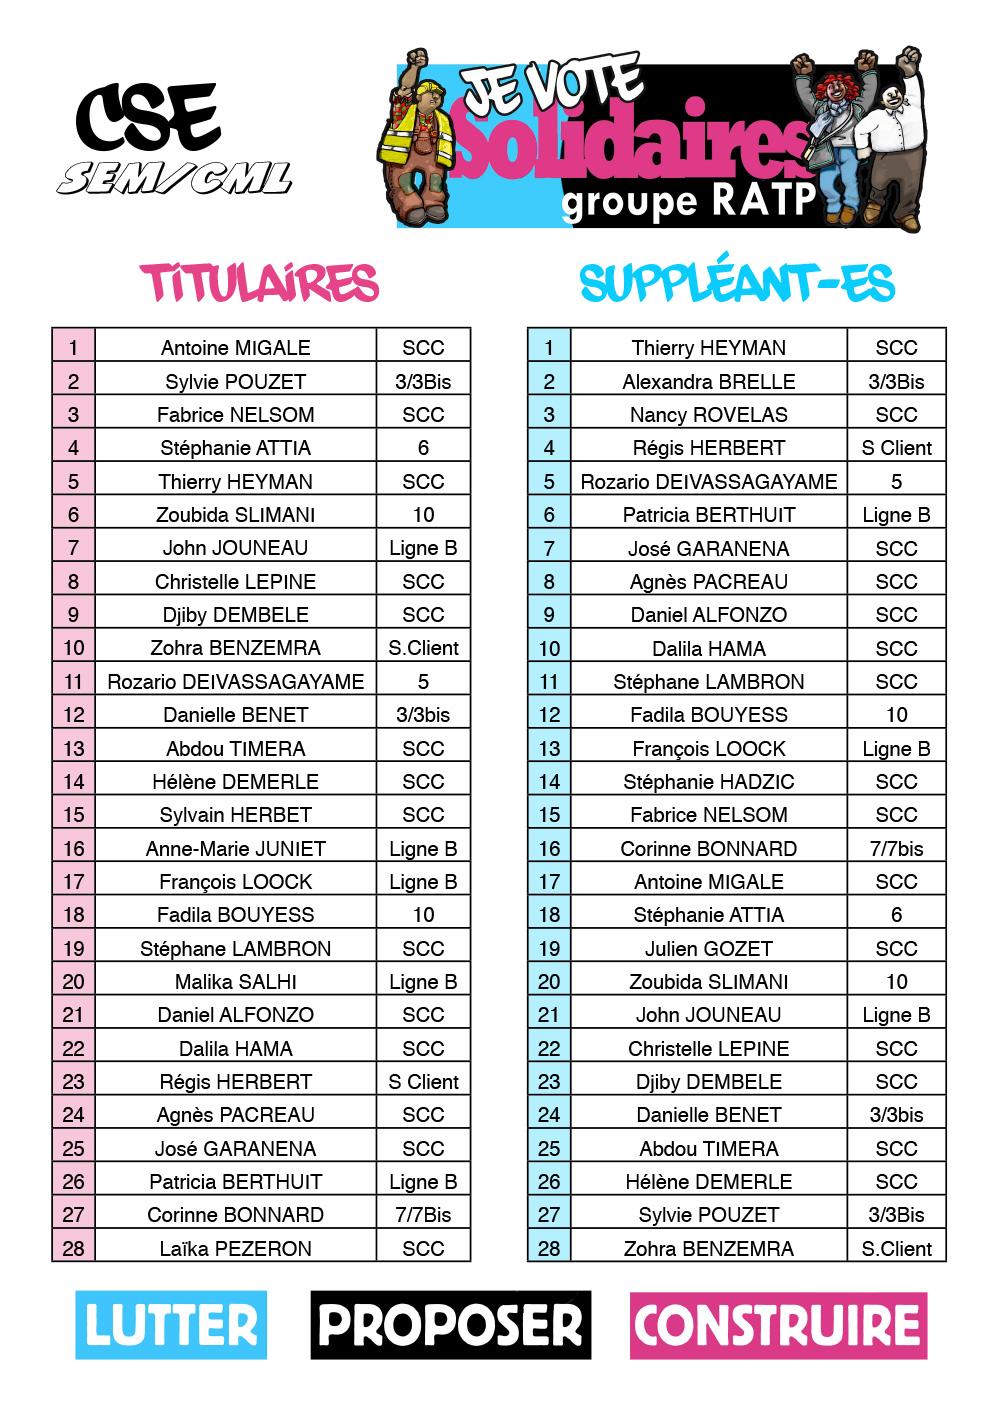 SolidairesGroupeRATP_Liste_CSE14-SEM